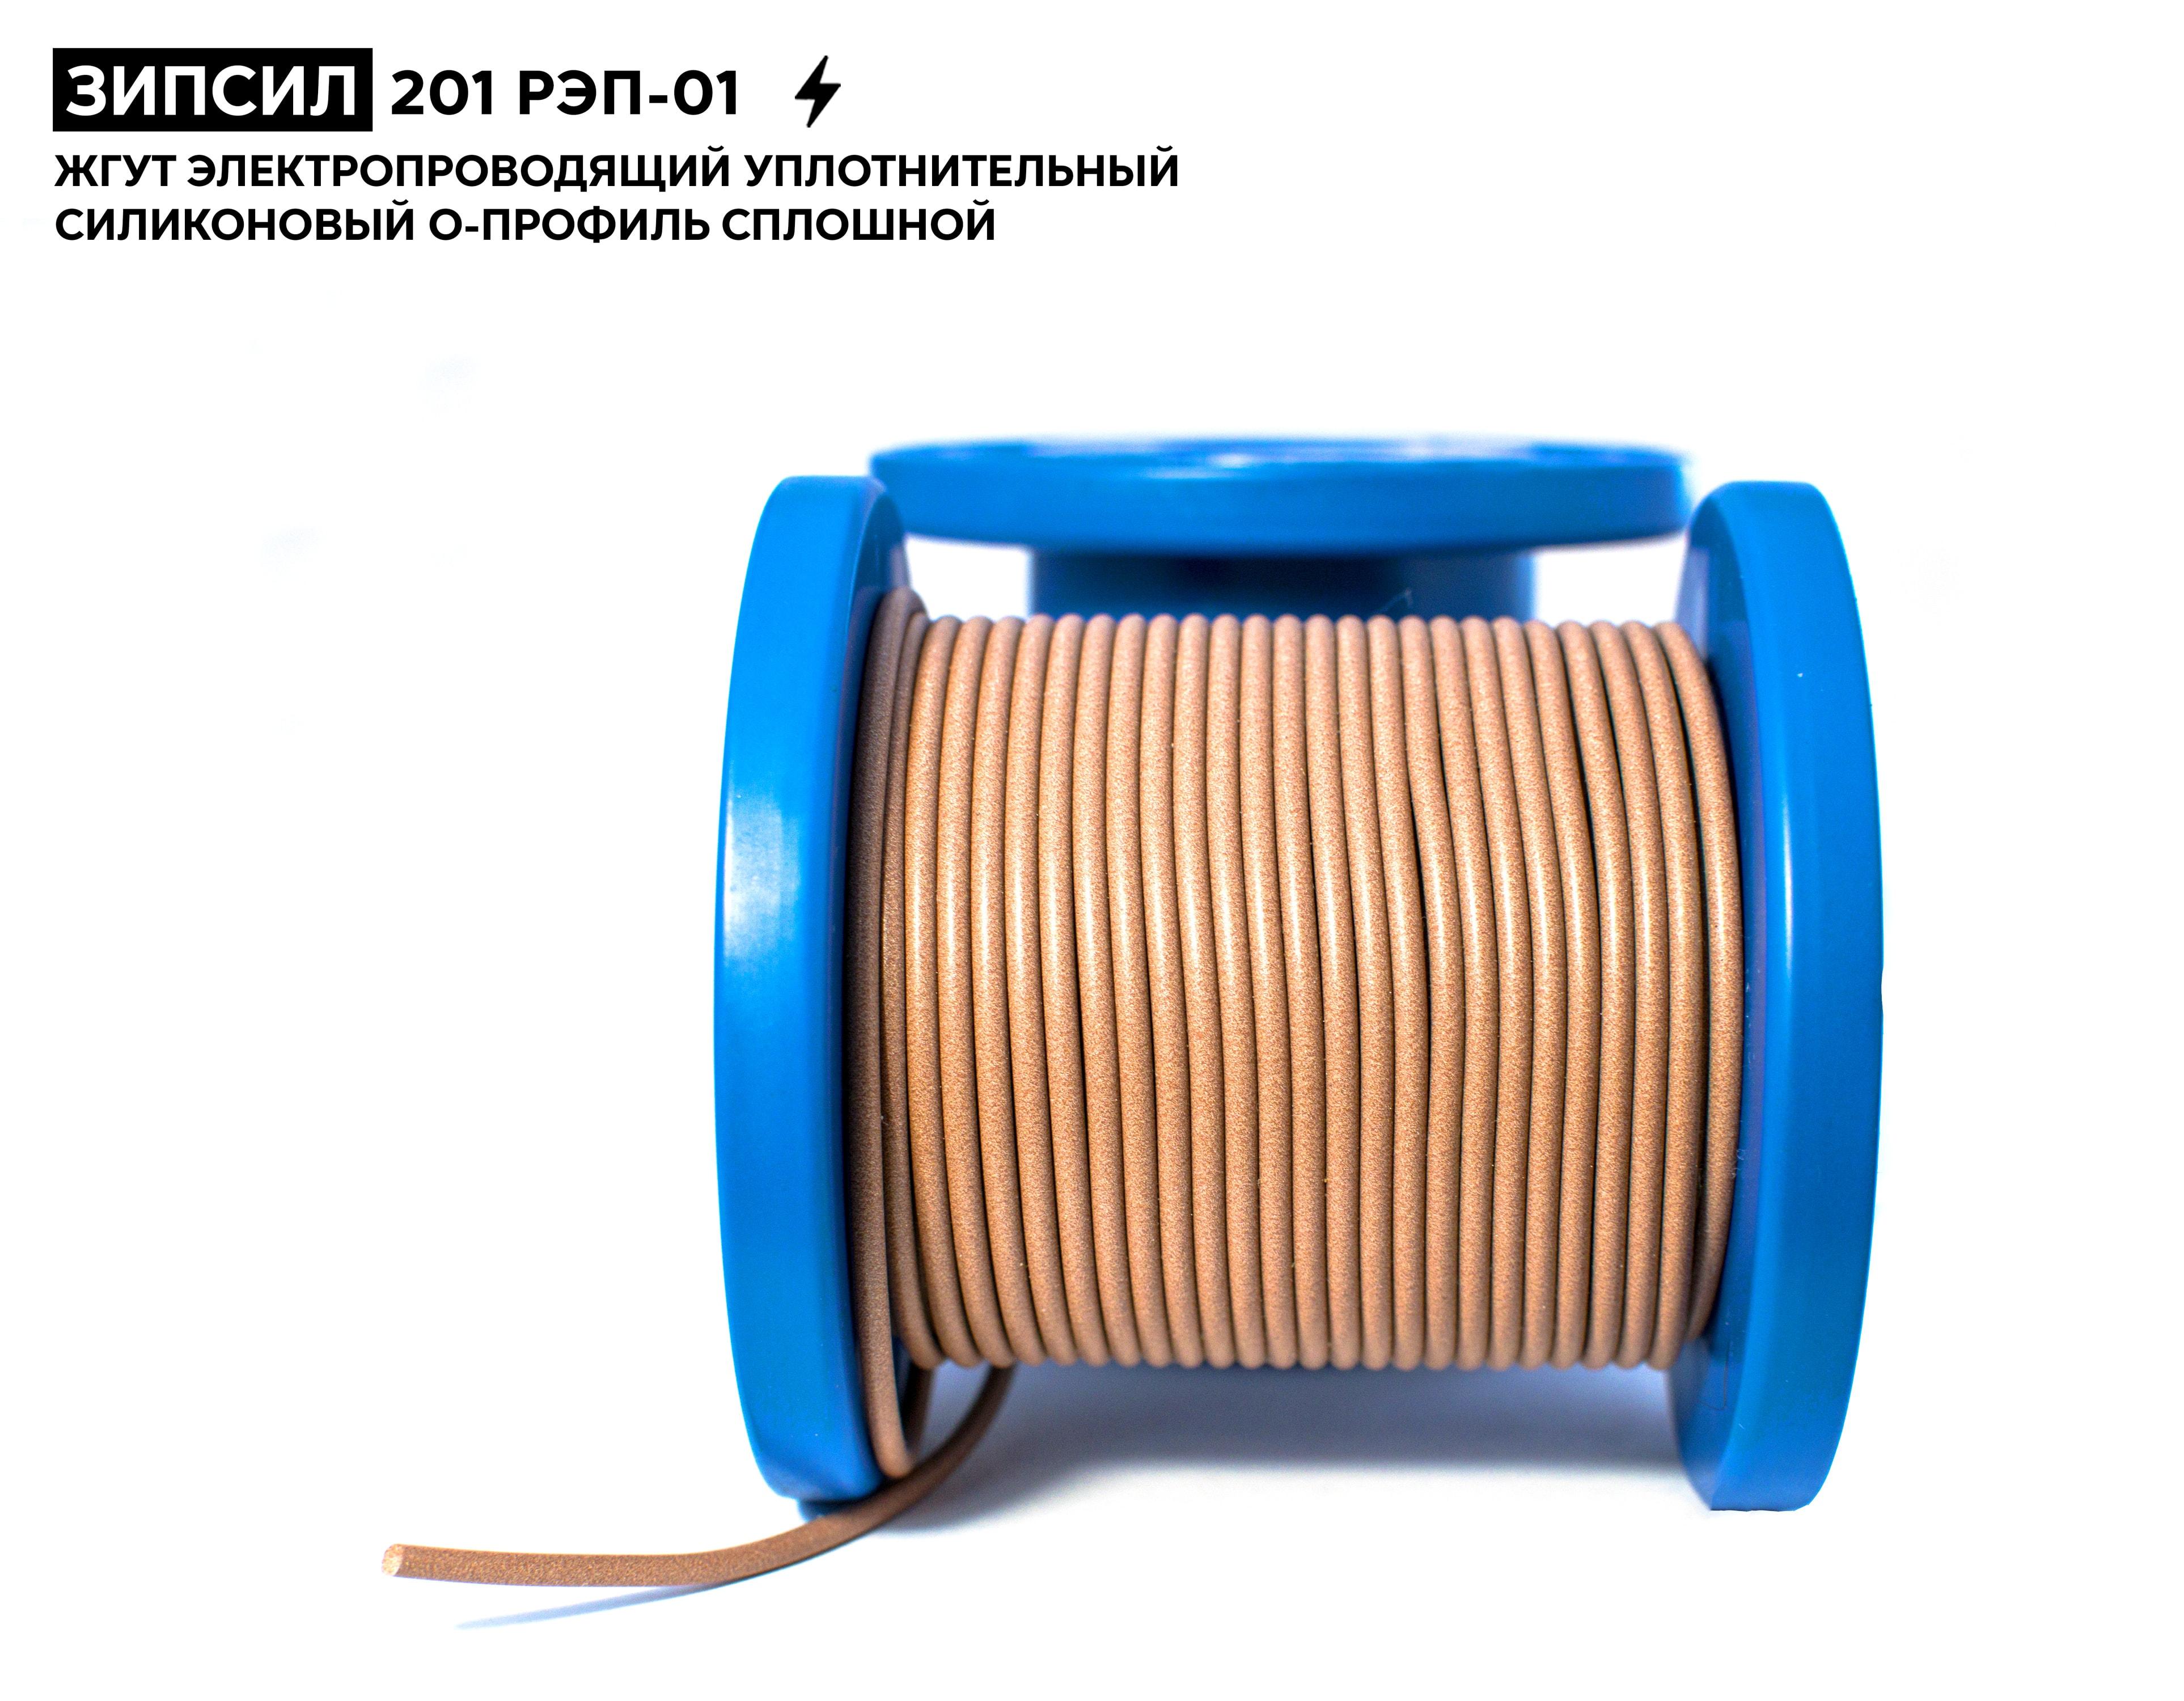 Профессиональный силиконовый ЭМС-жгут (сплошной О-профиль) ЗИПСИЛ 201. Электропроводящий материал РЭП-01 для уплотнения корпусов устройств.